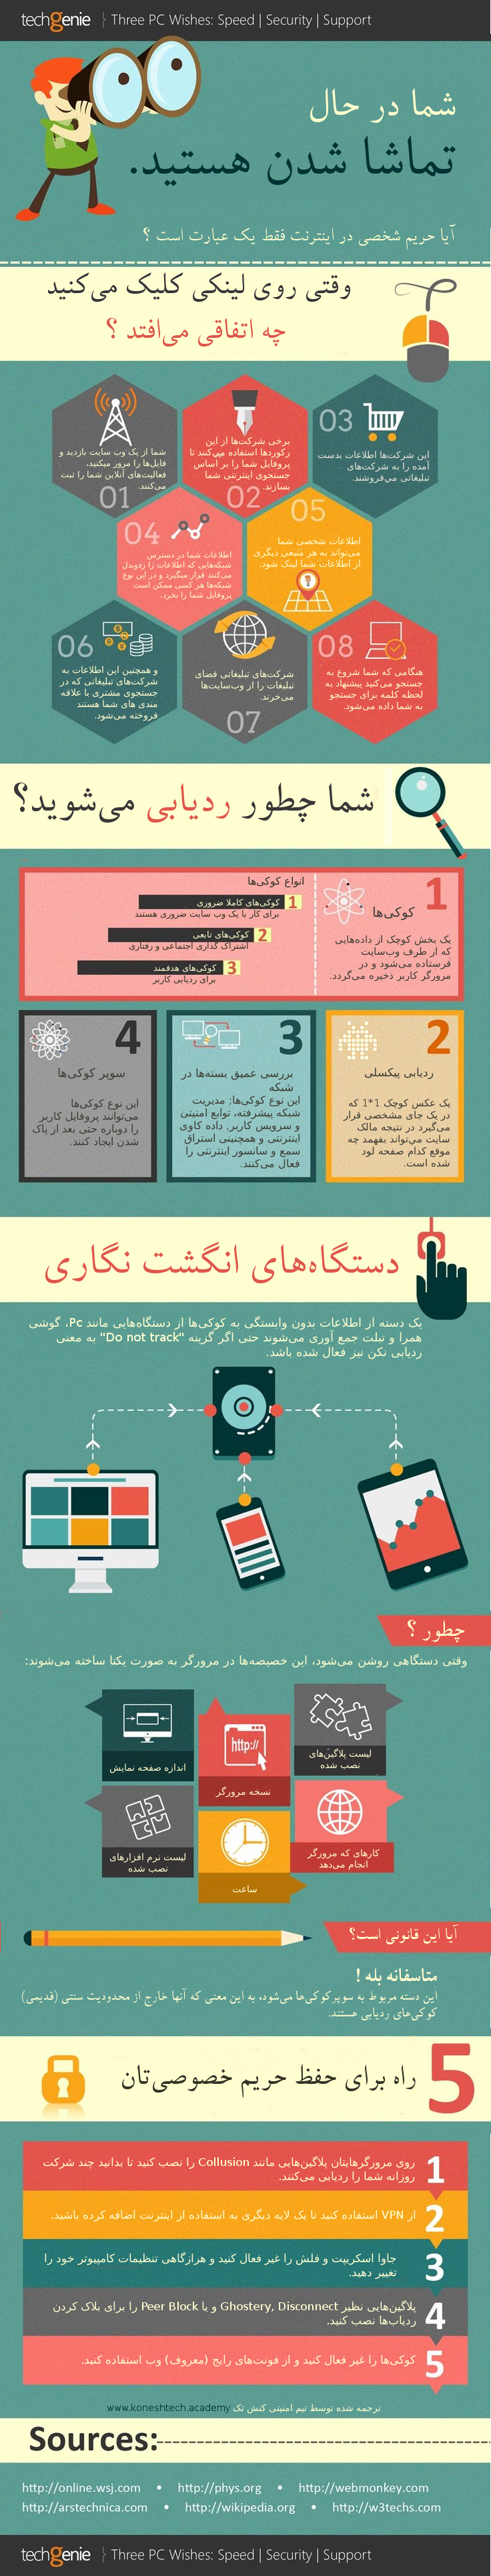 فعالیتهای آنلاین شما چطور ردیابی میشود و چطور میتوانید حریم شخصی خود را حفظ کنید؟